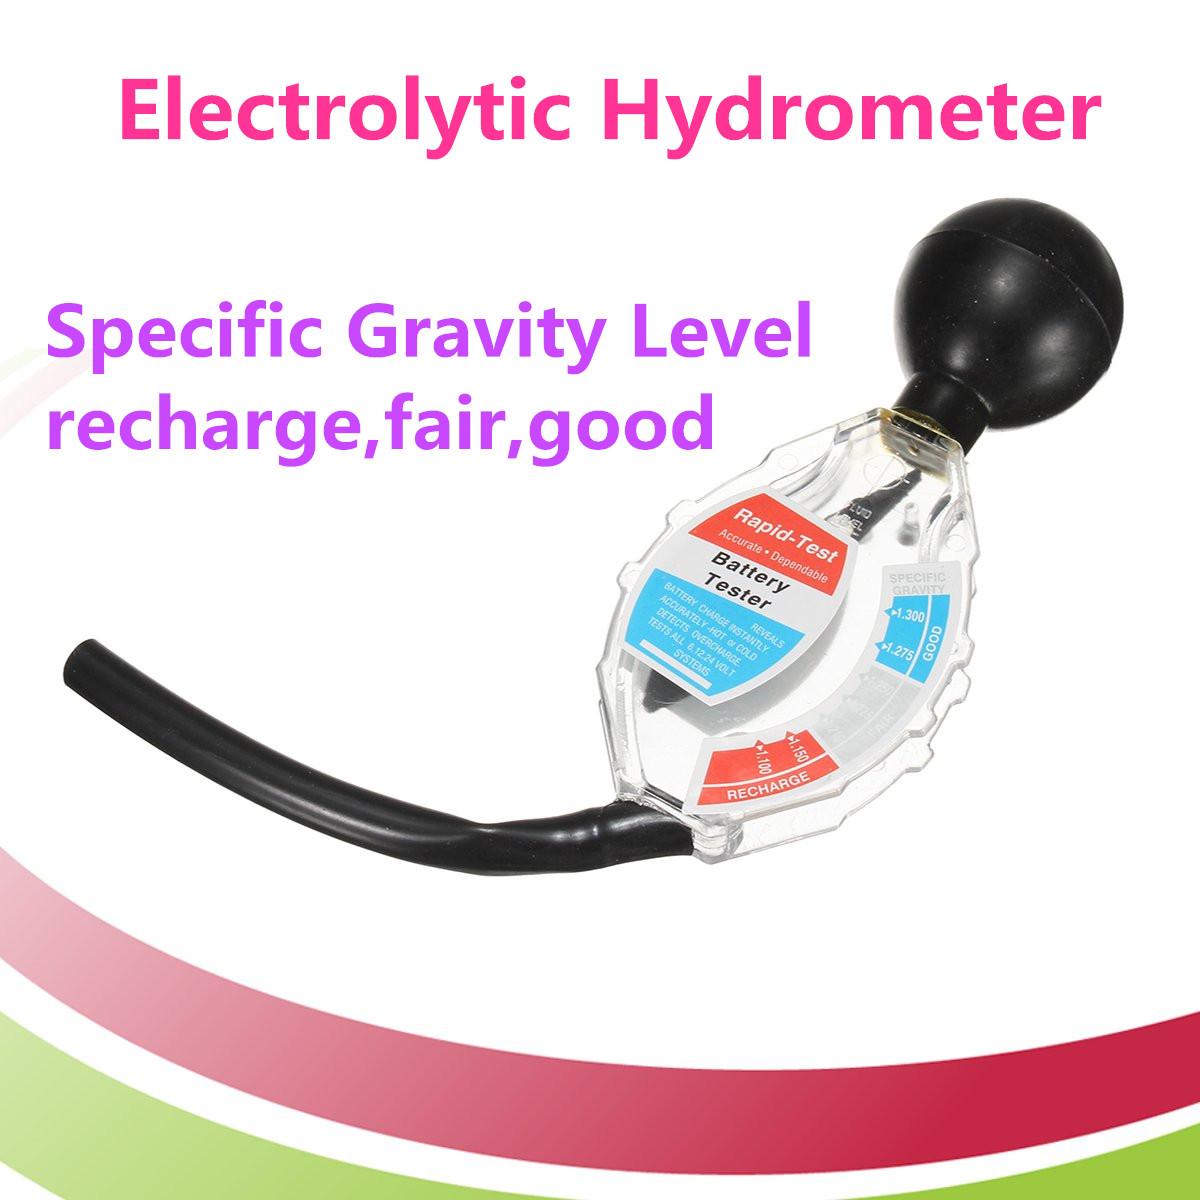 Электролитический гидрометр Профессиональный тестер глубокого цикла батарей